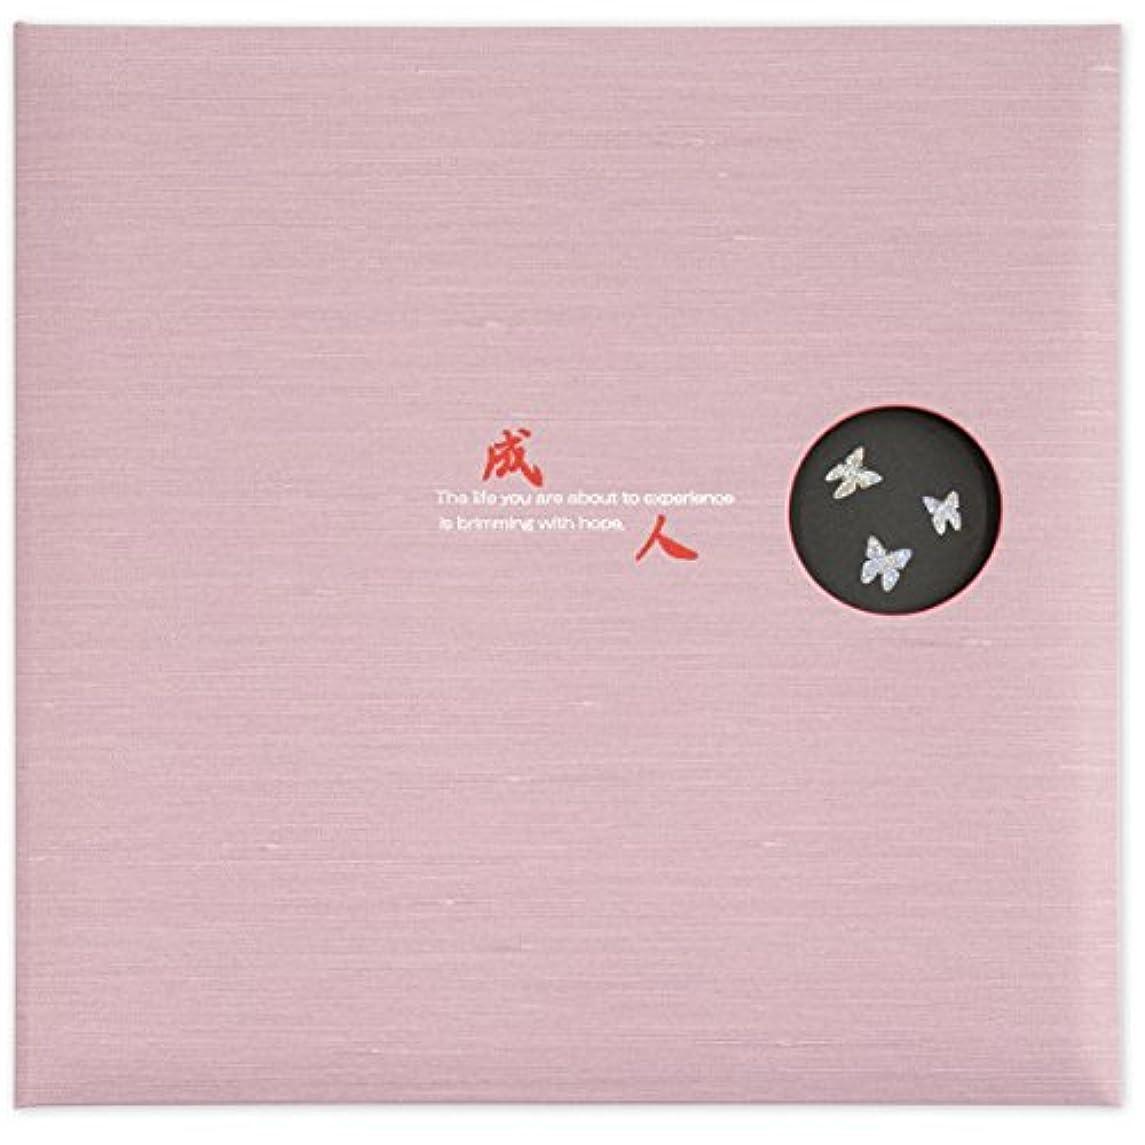 申し立てられた試用番号Izumidaishi 写真台紙 成人 麗 ジャケットサイズ 2面見開きタイプ 選べる中枠付き(中枠クリーム 【6切(1穴)×2枚】【2L (2穴)×0枚】,表紙ピンク)